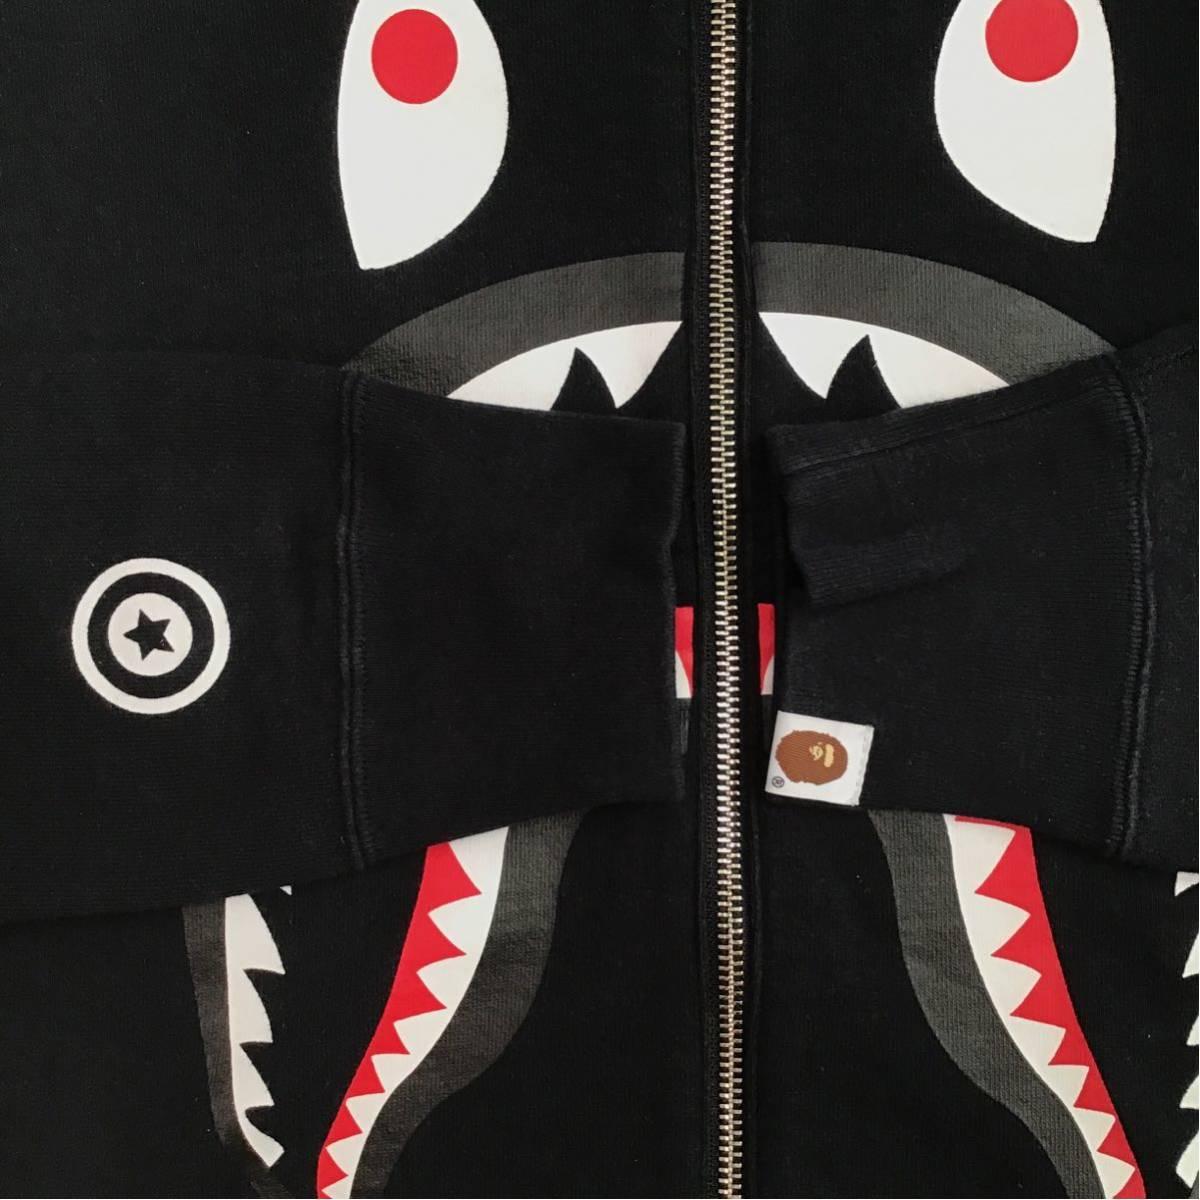 ★リアルジップ★ シャーク 長袖 スウェット Mサイズ a bathing ape BAPE zip shark sweat エイプ ベイプ アベイシングエイプ black 2266